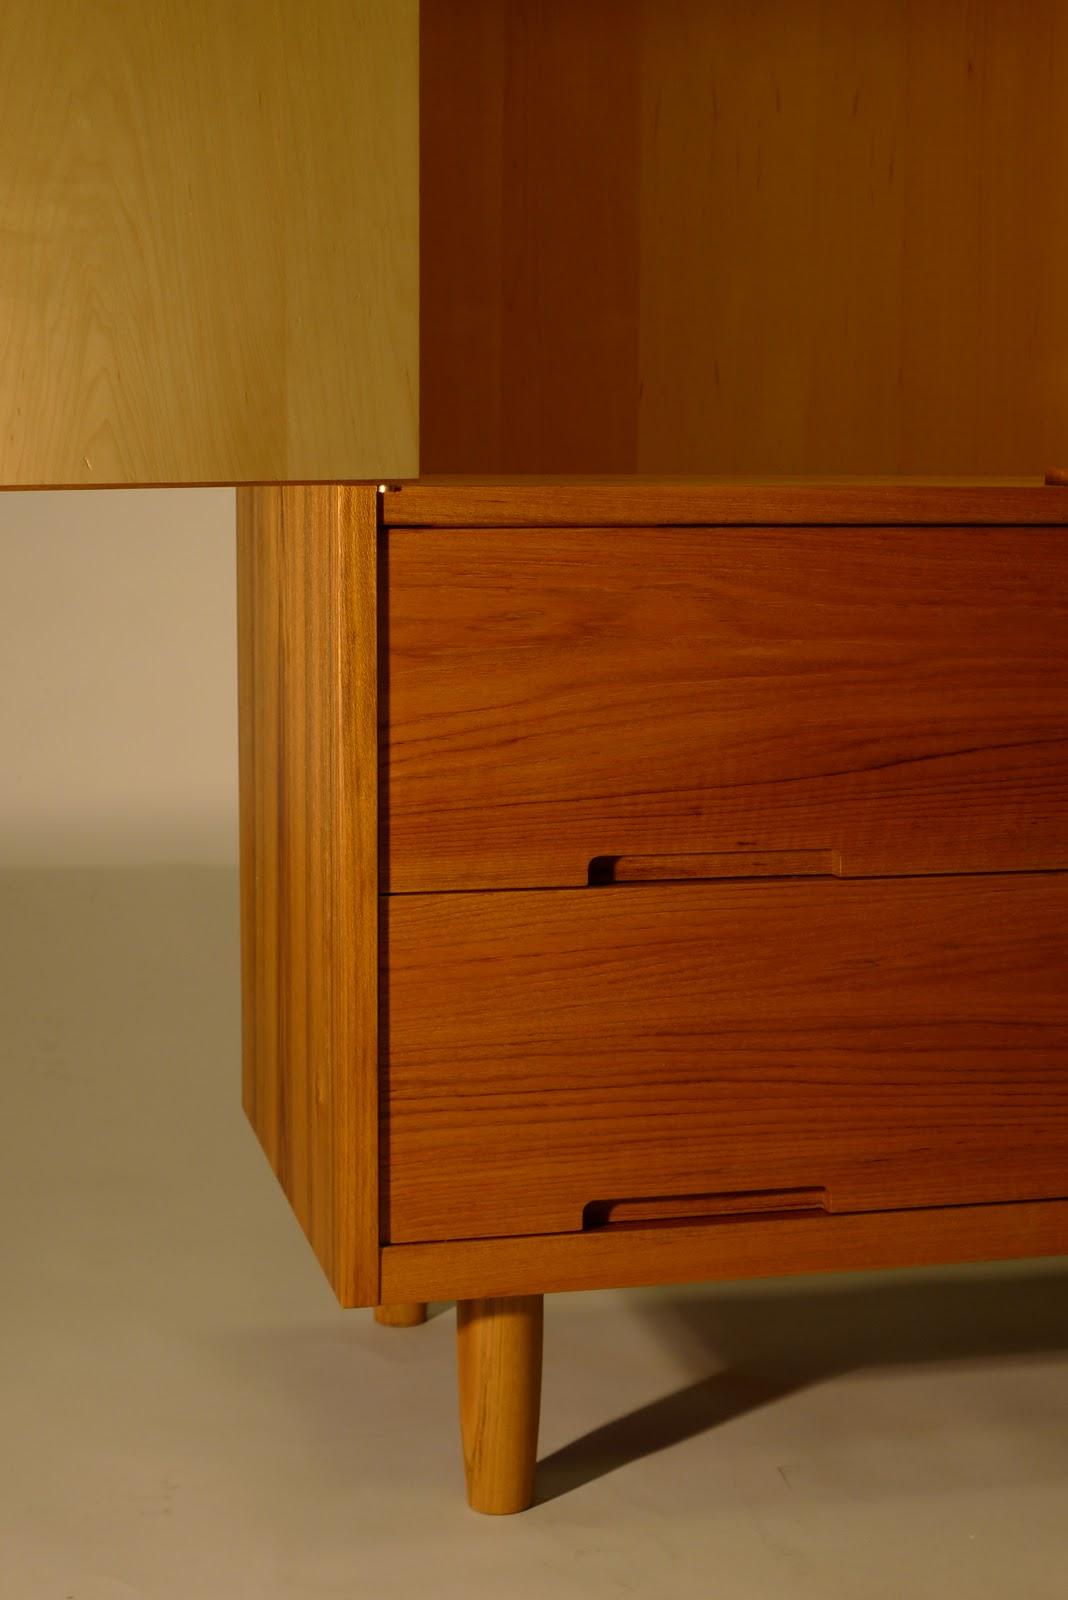 LARKIN FINE FURNITURE: Furniture